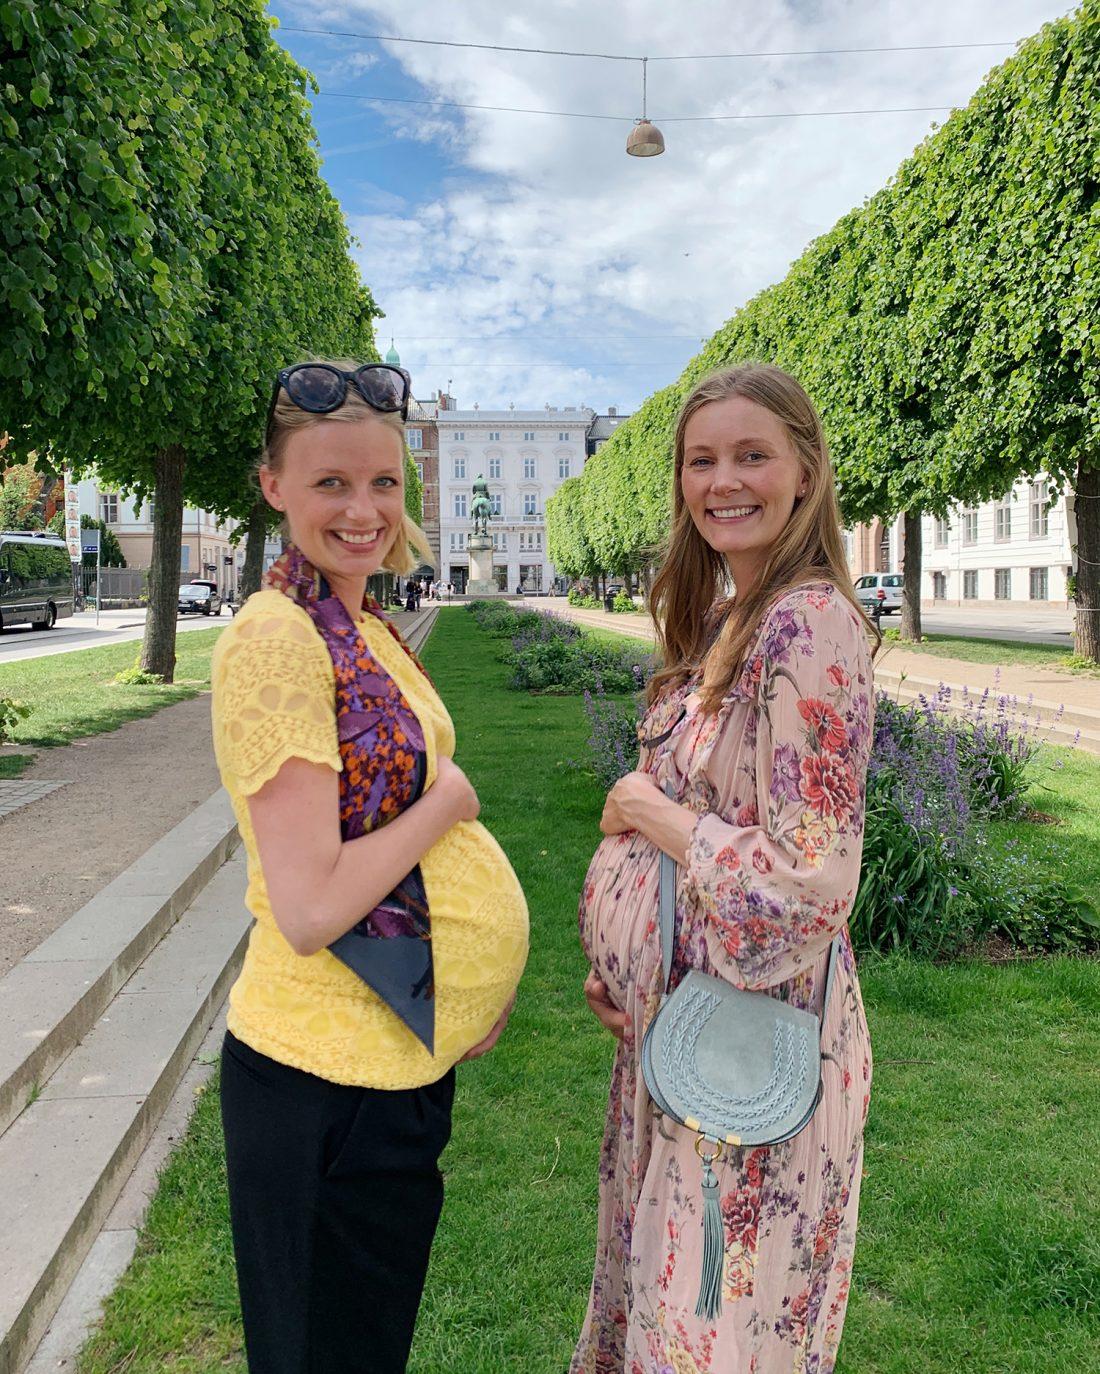 gravide-veninder